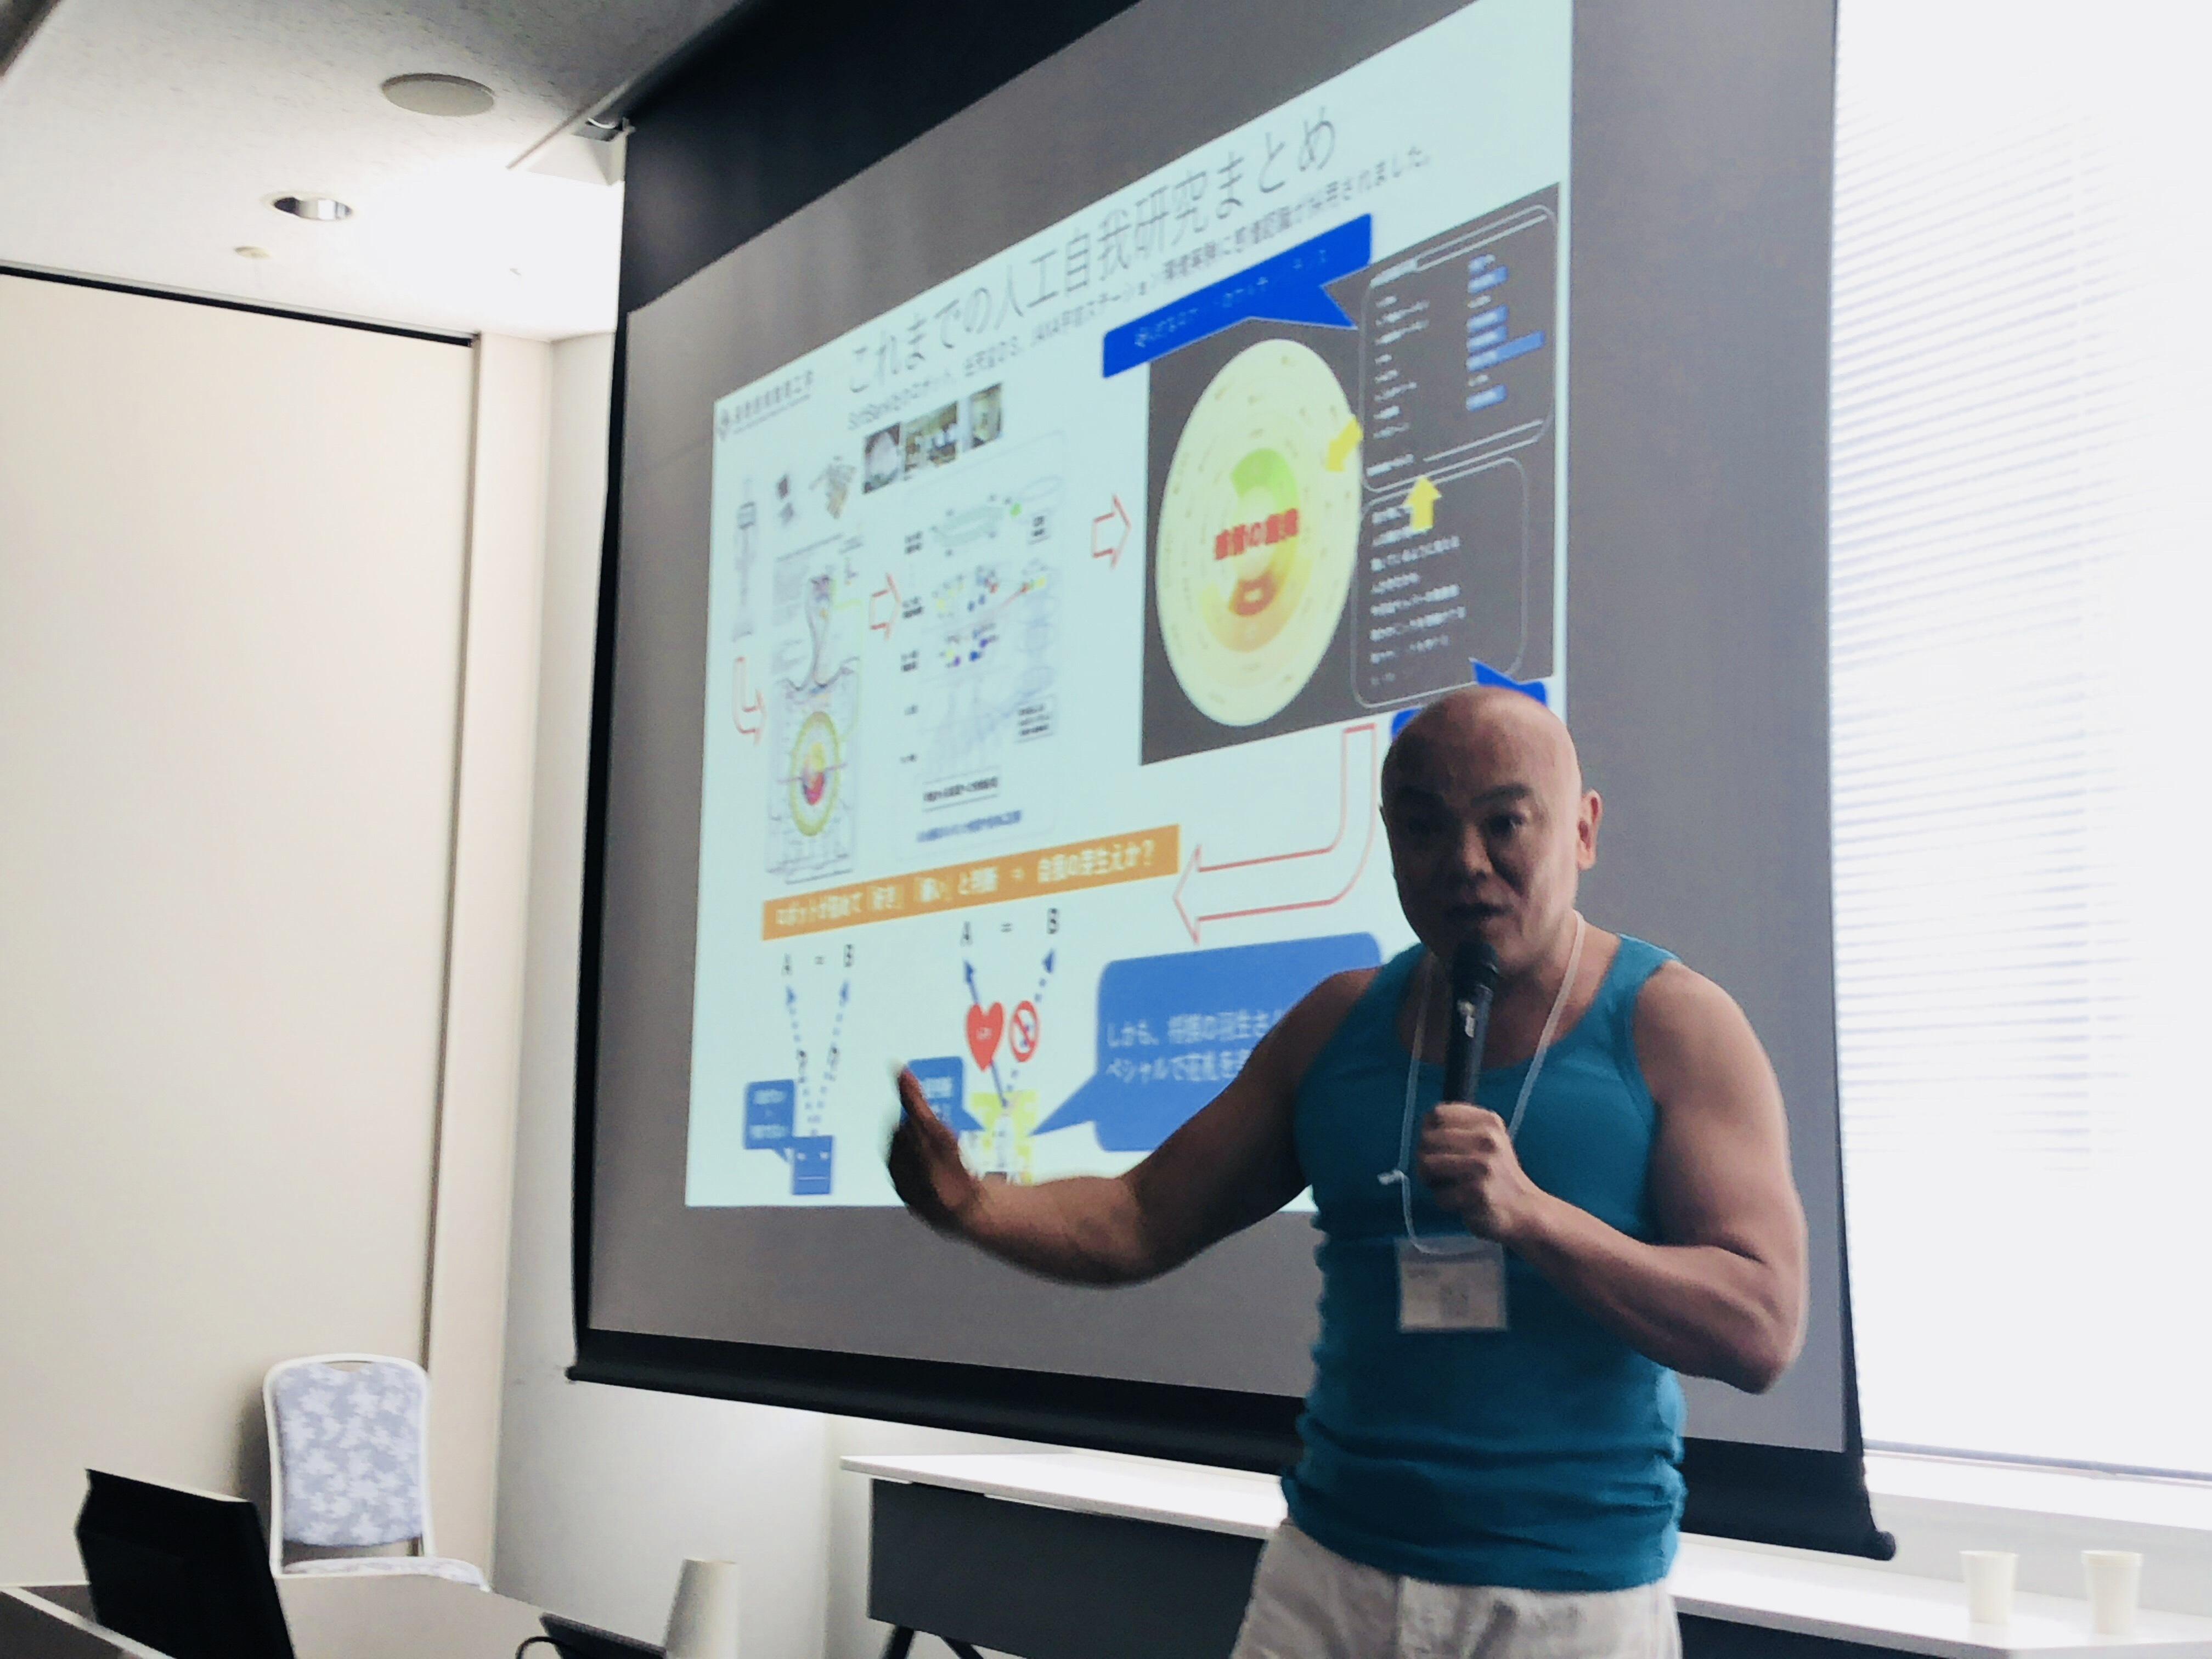 ITヘルスケア学会にて講演しました。<br>演題:「音声感情認識と音声病態分析および人工自我」